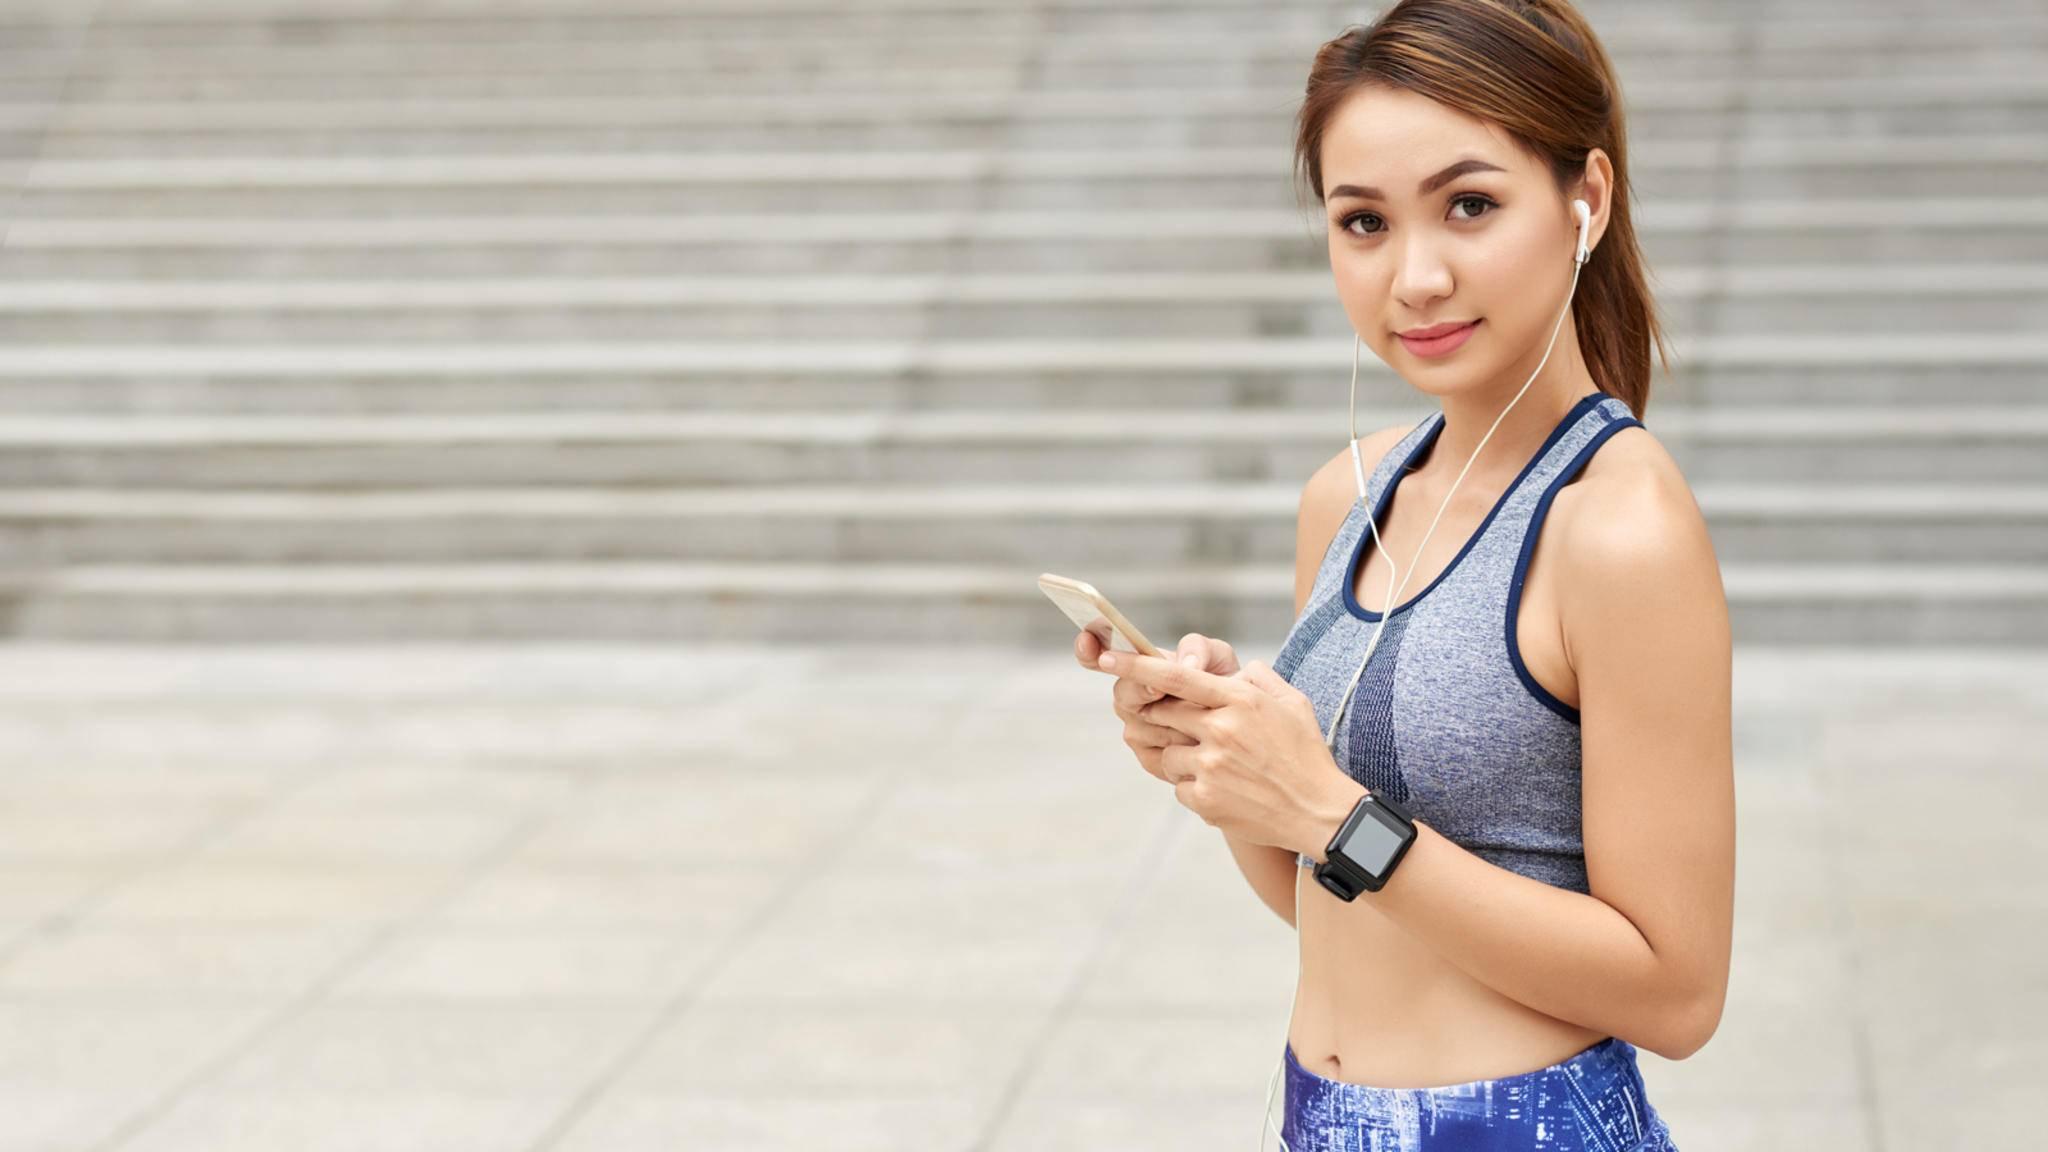 Erst in Kombination mit der zugehörigen App können die verschiedenen Fitness-Tracker ihr volles Potenzial ausschöpfen.